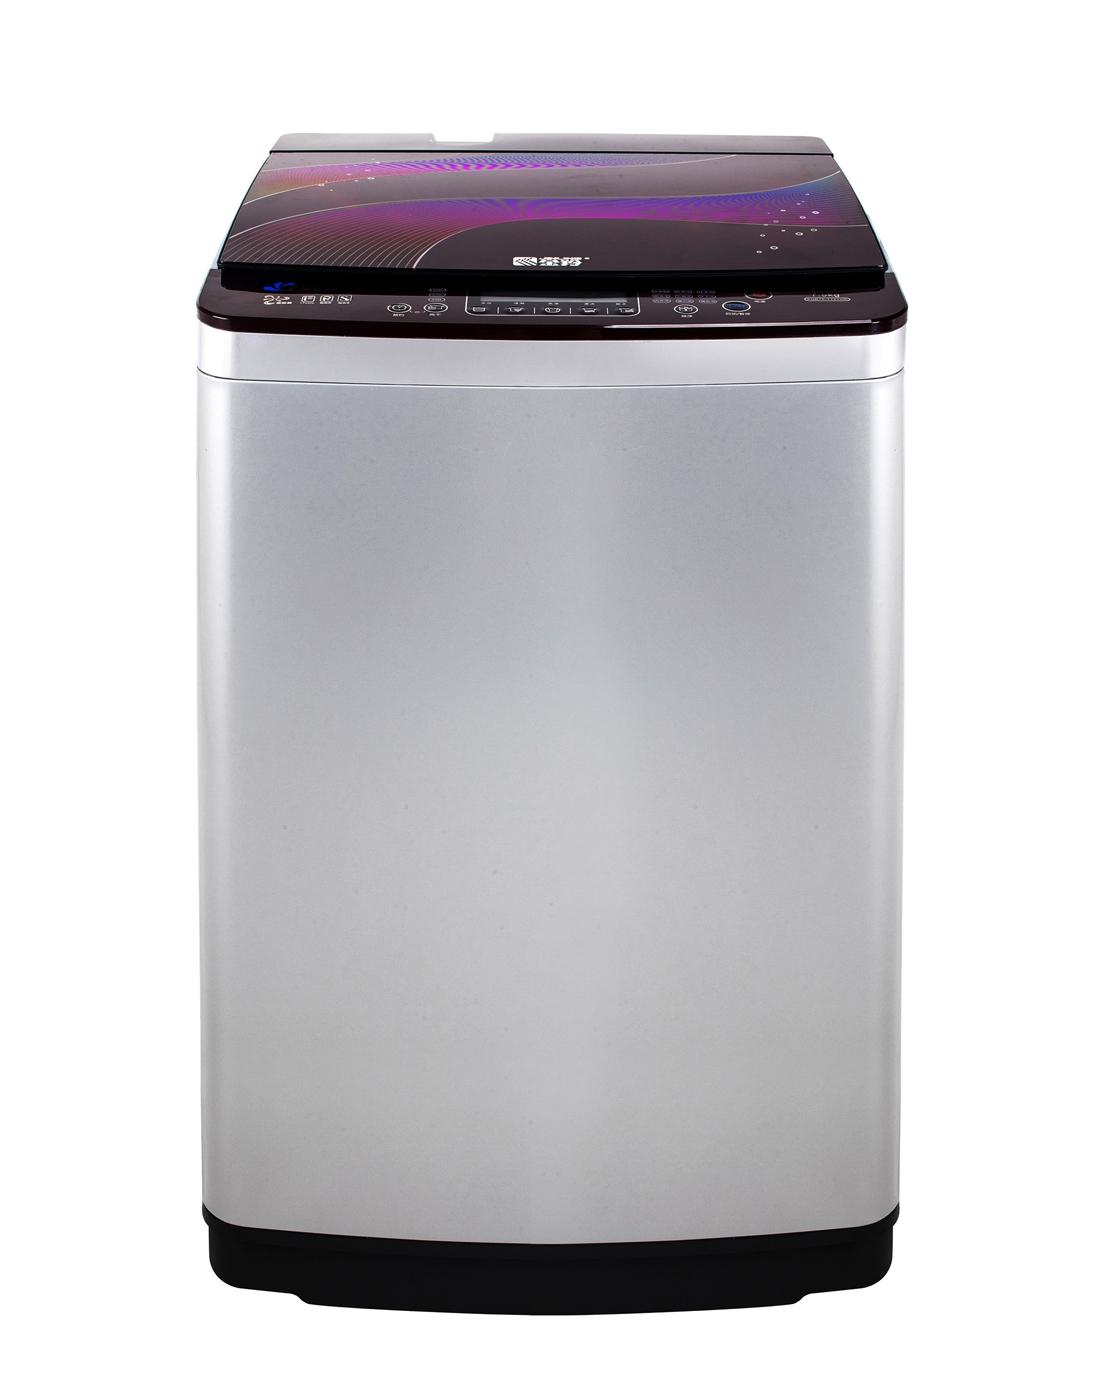 金羚xqb65-658g洗衣机接线图